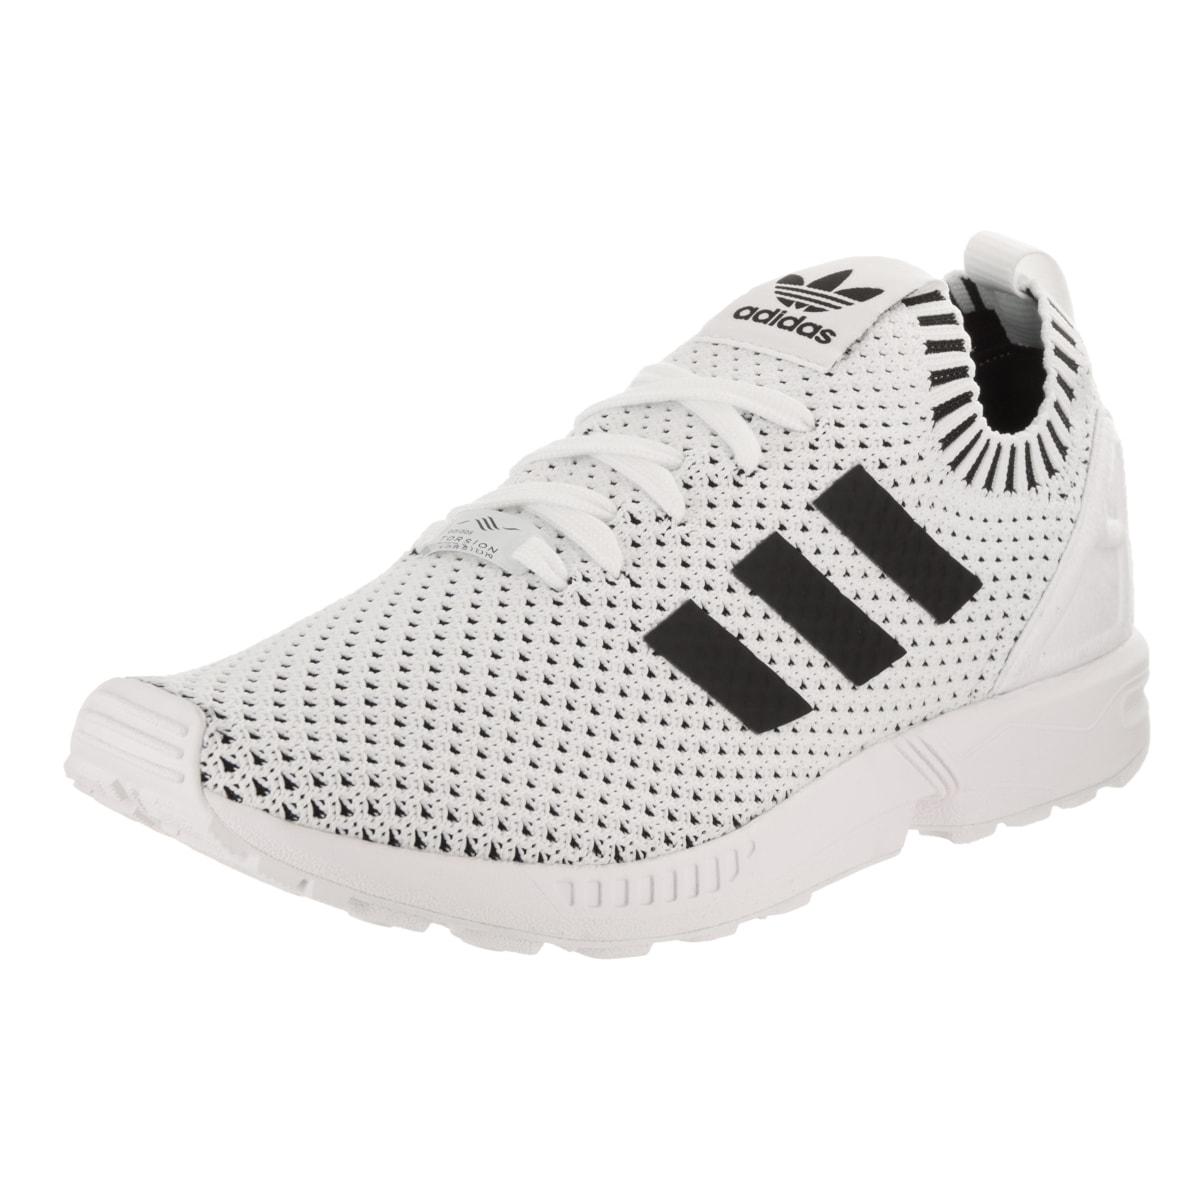 huge discount feca4 98172 Adidas Men's ZX Flux Pk Running Shoe